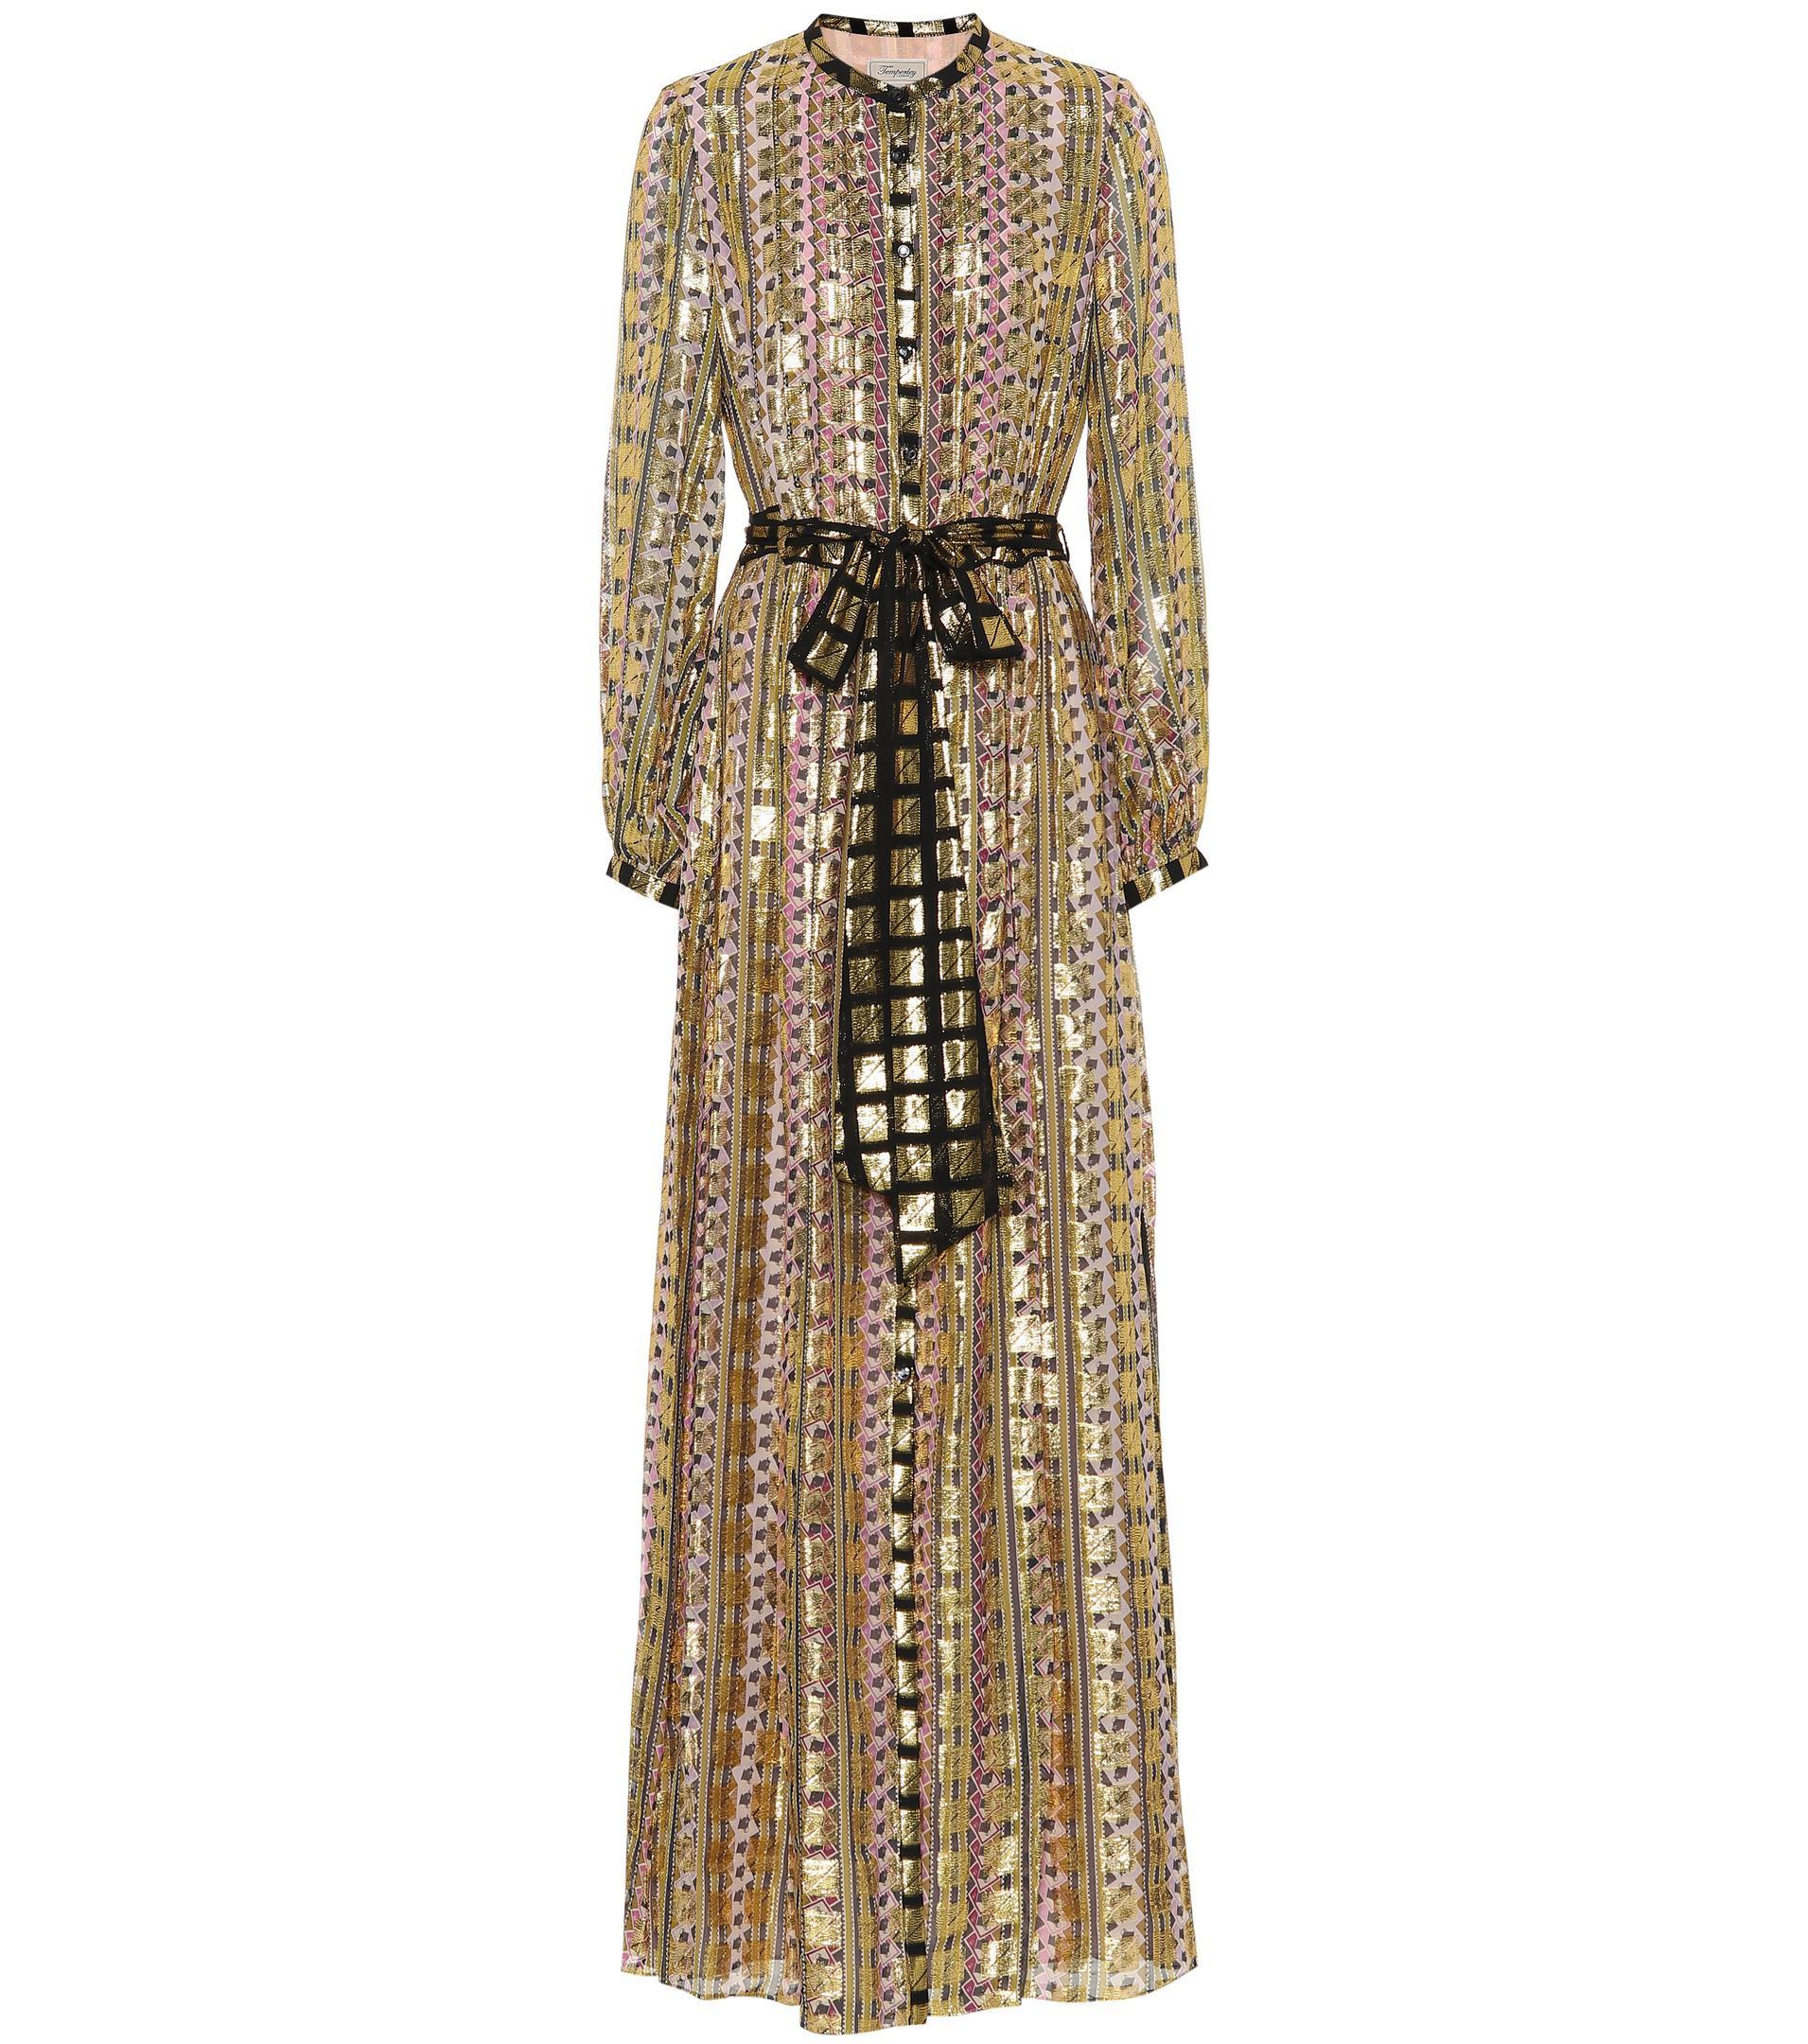 Lyst Fil London Print Dress Coupé Letter Temperley rxUBqwpr